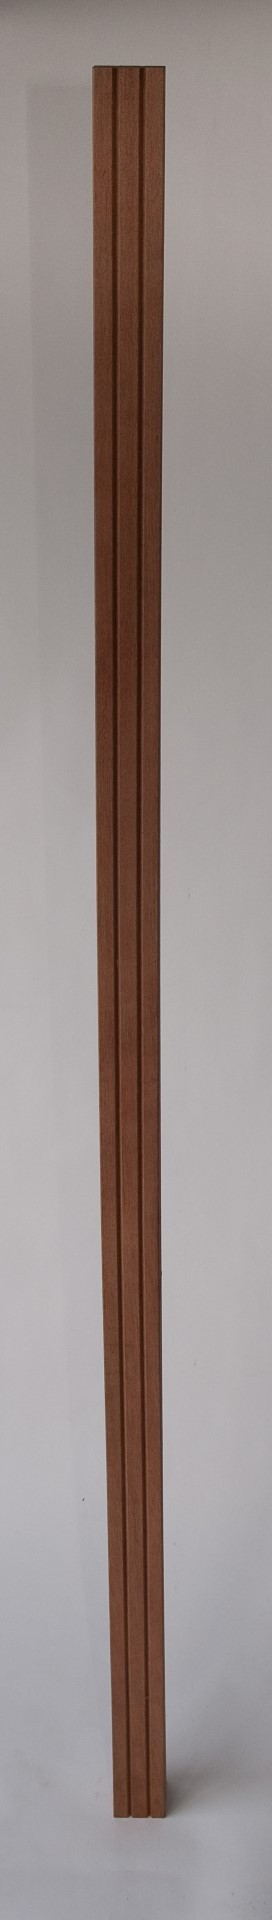 Hardhouten paal Kant & klaar haag 275 cm